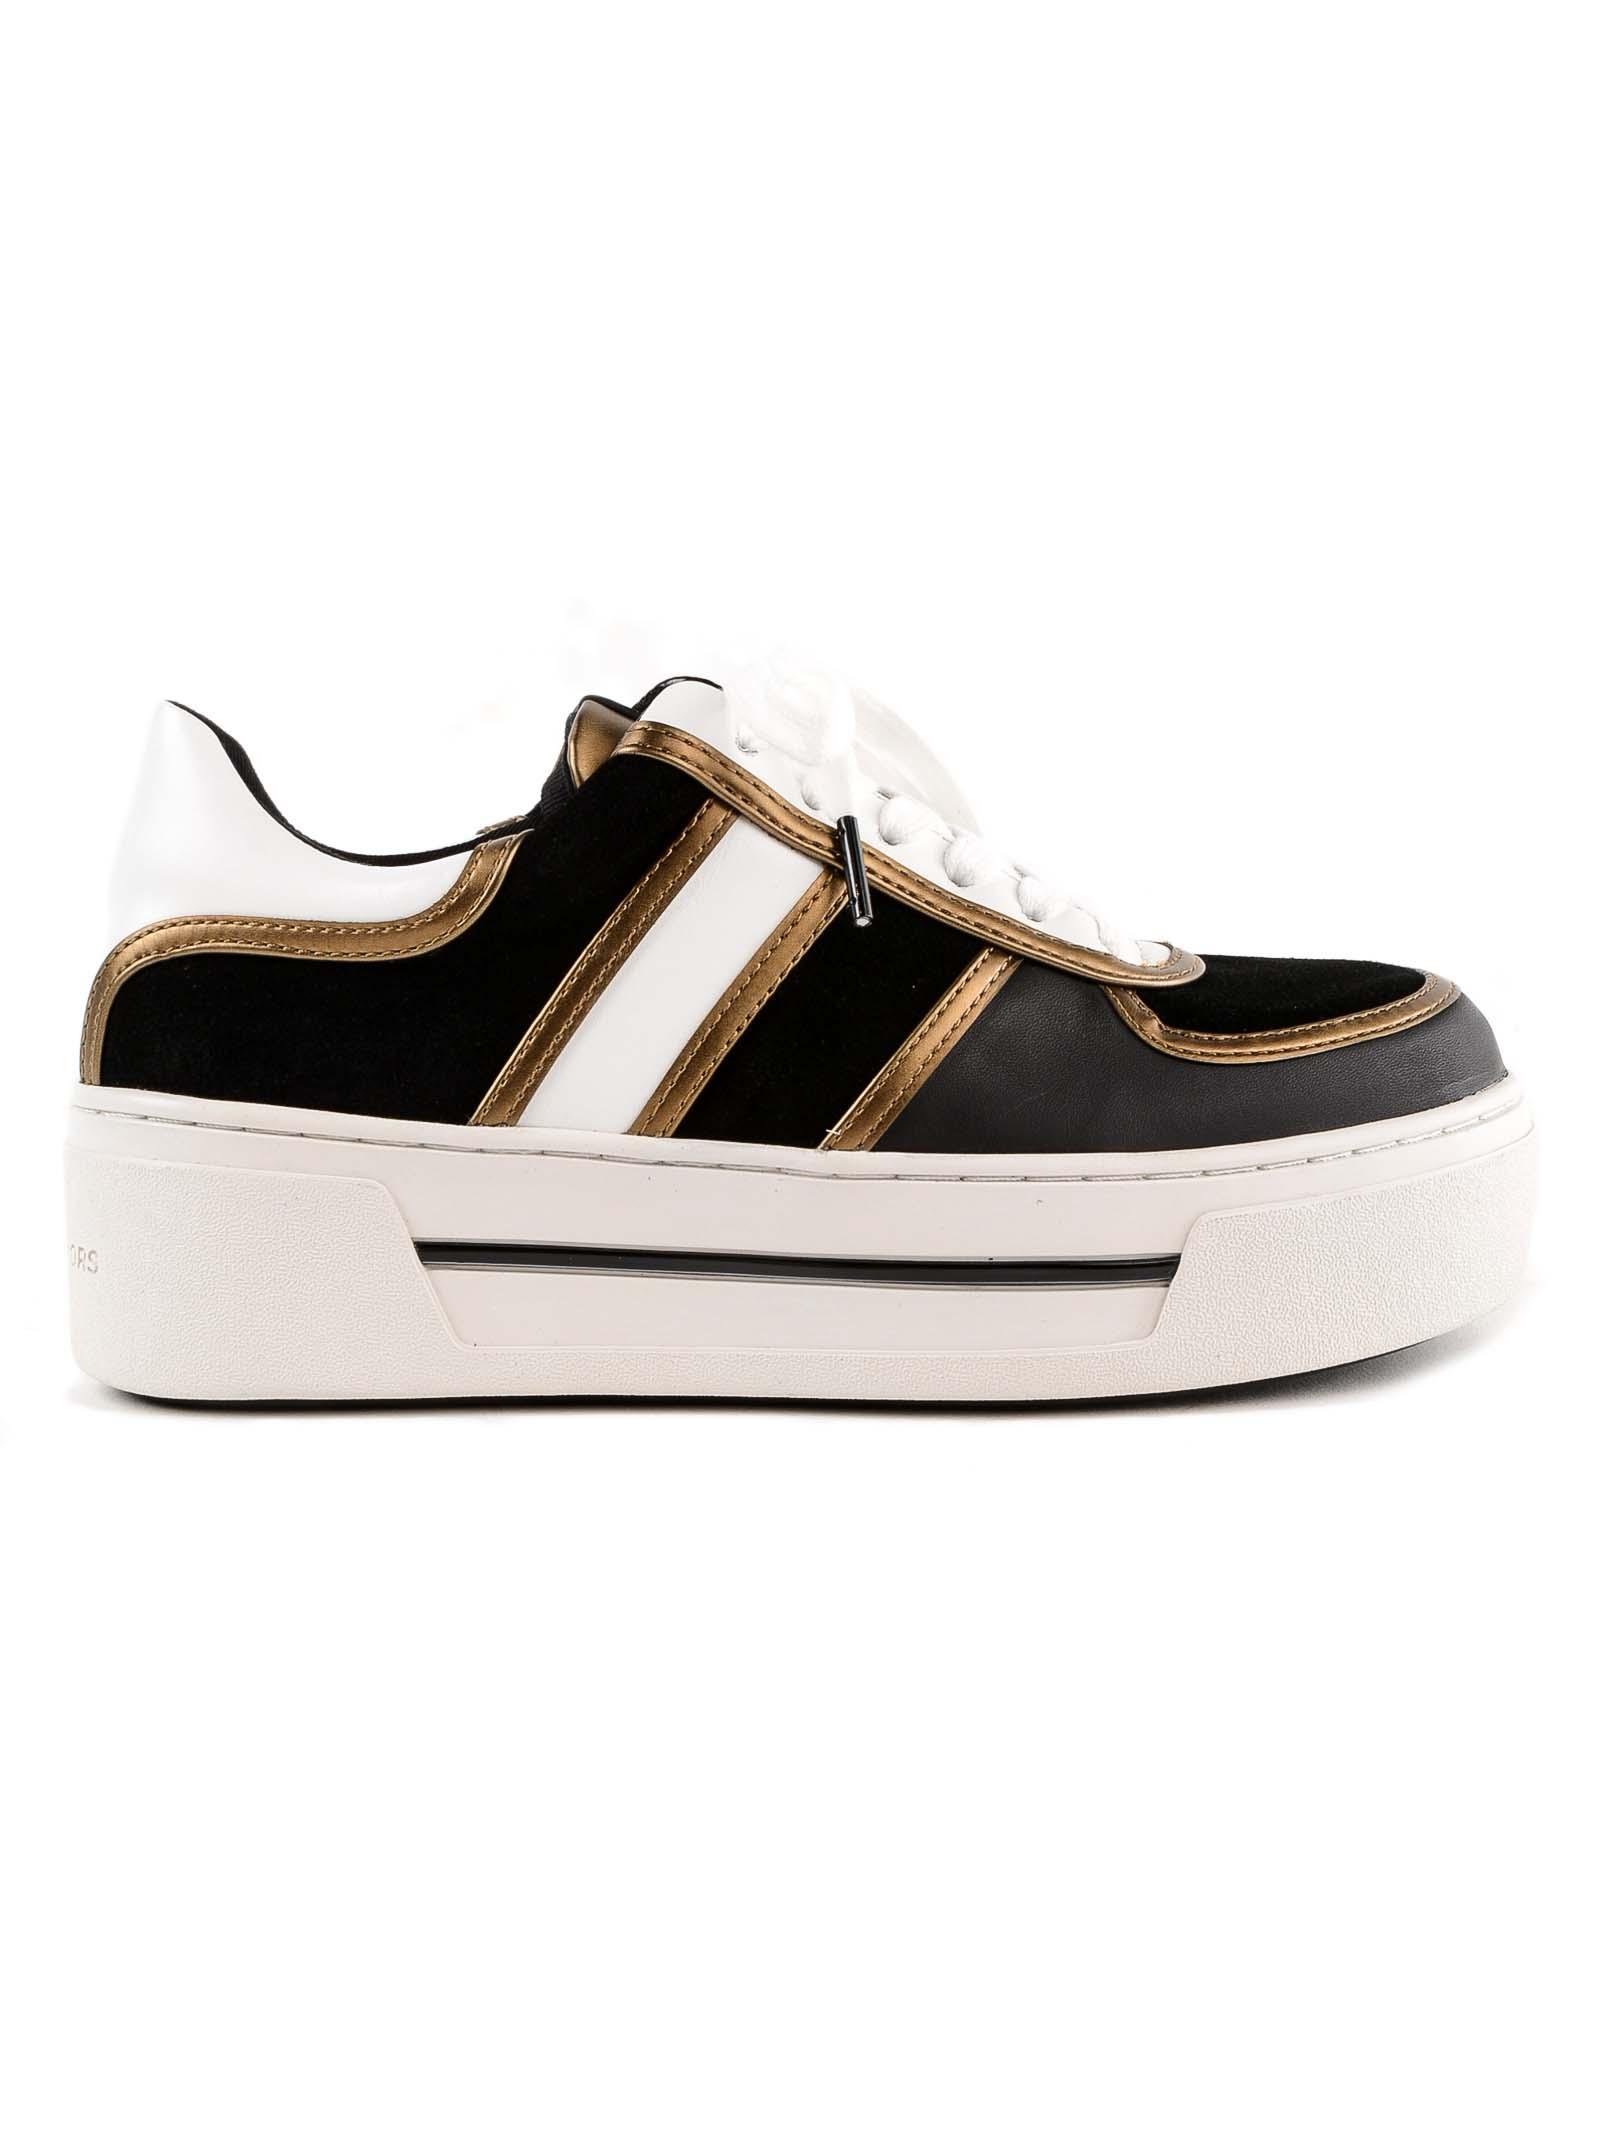 Camden Platform Sneakers in Black